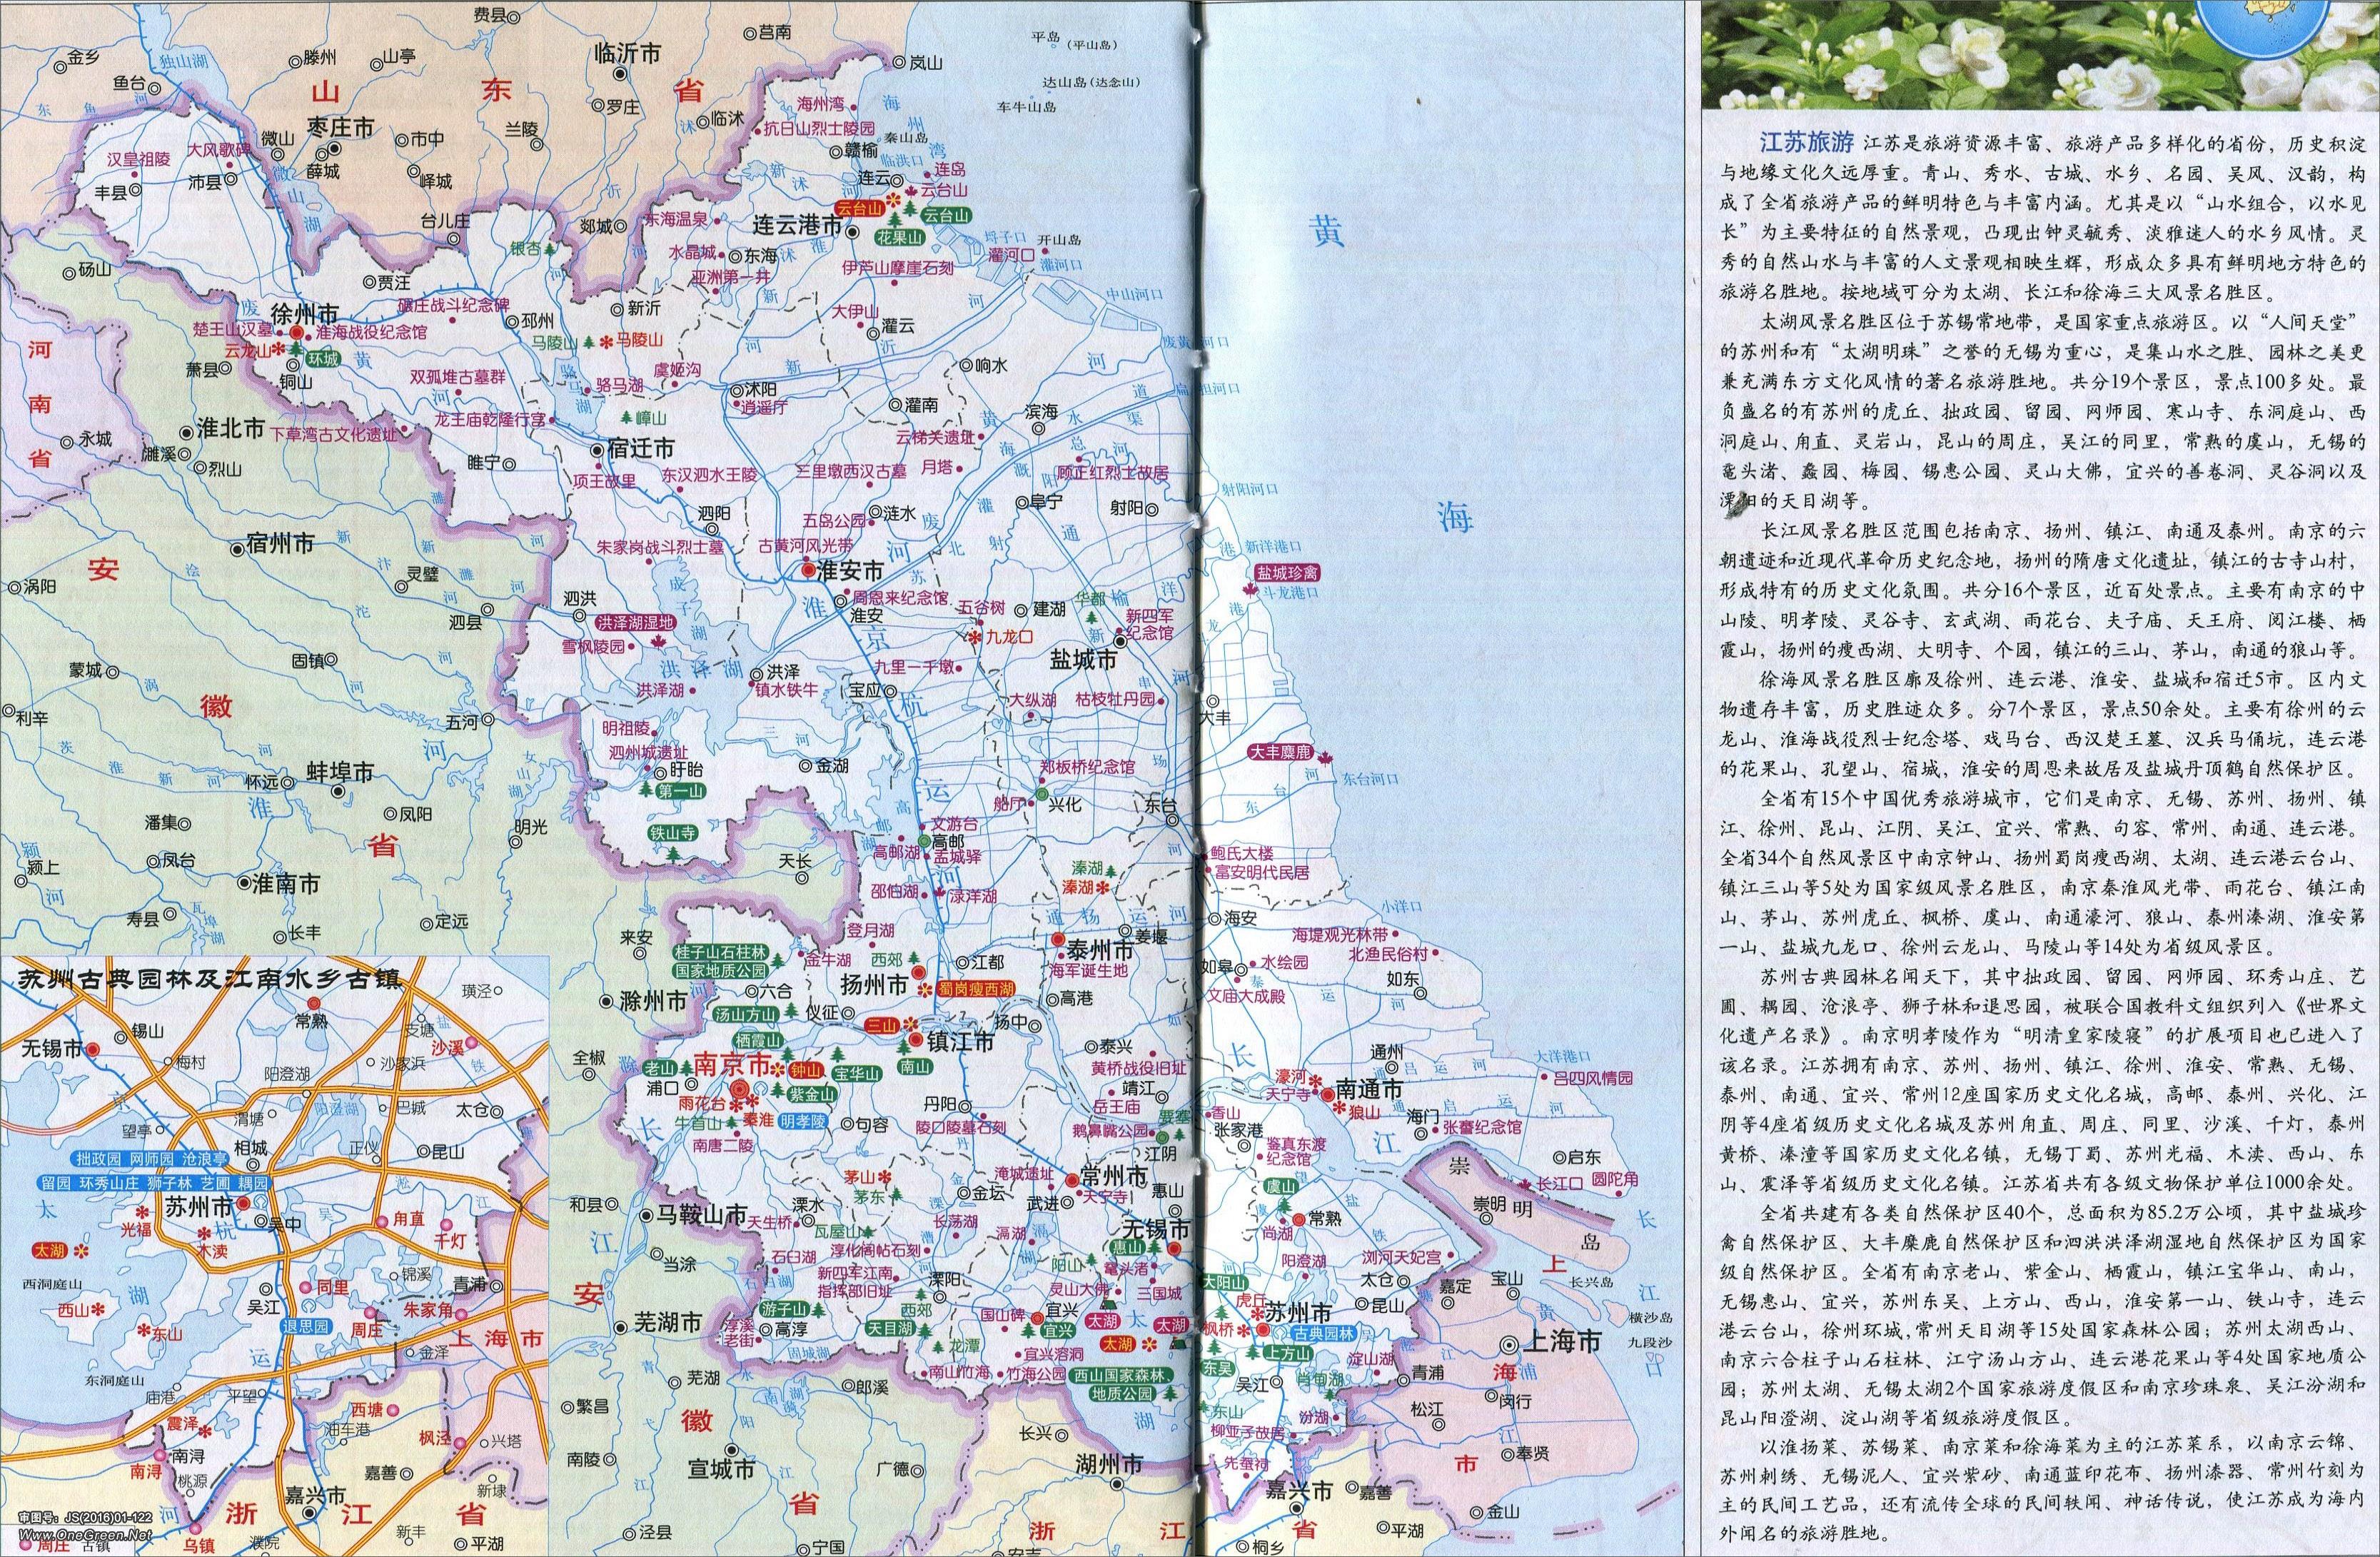 江苏省旅游地图高清版